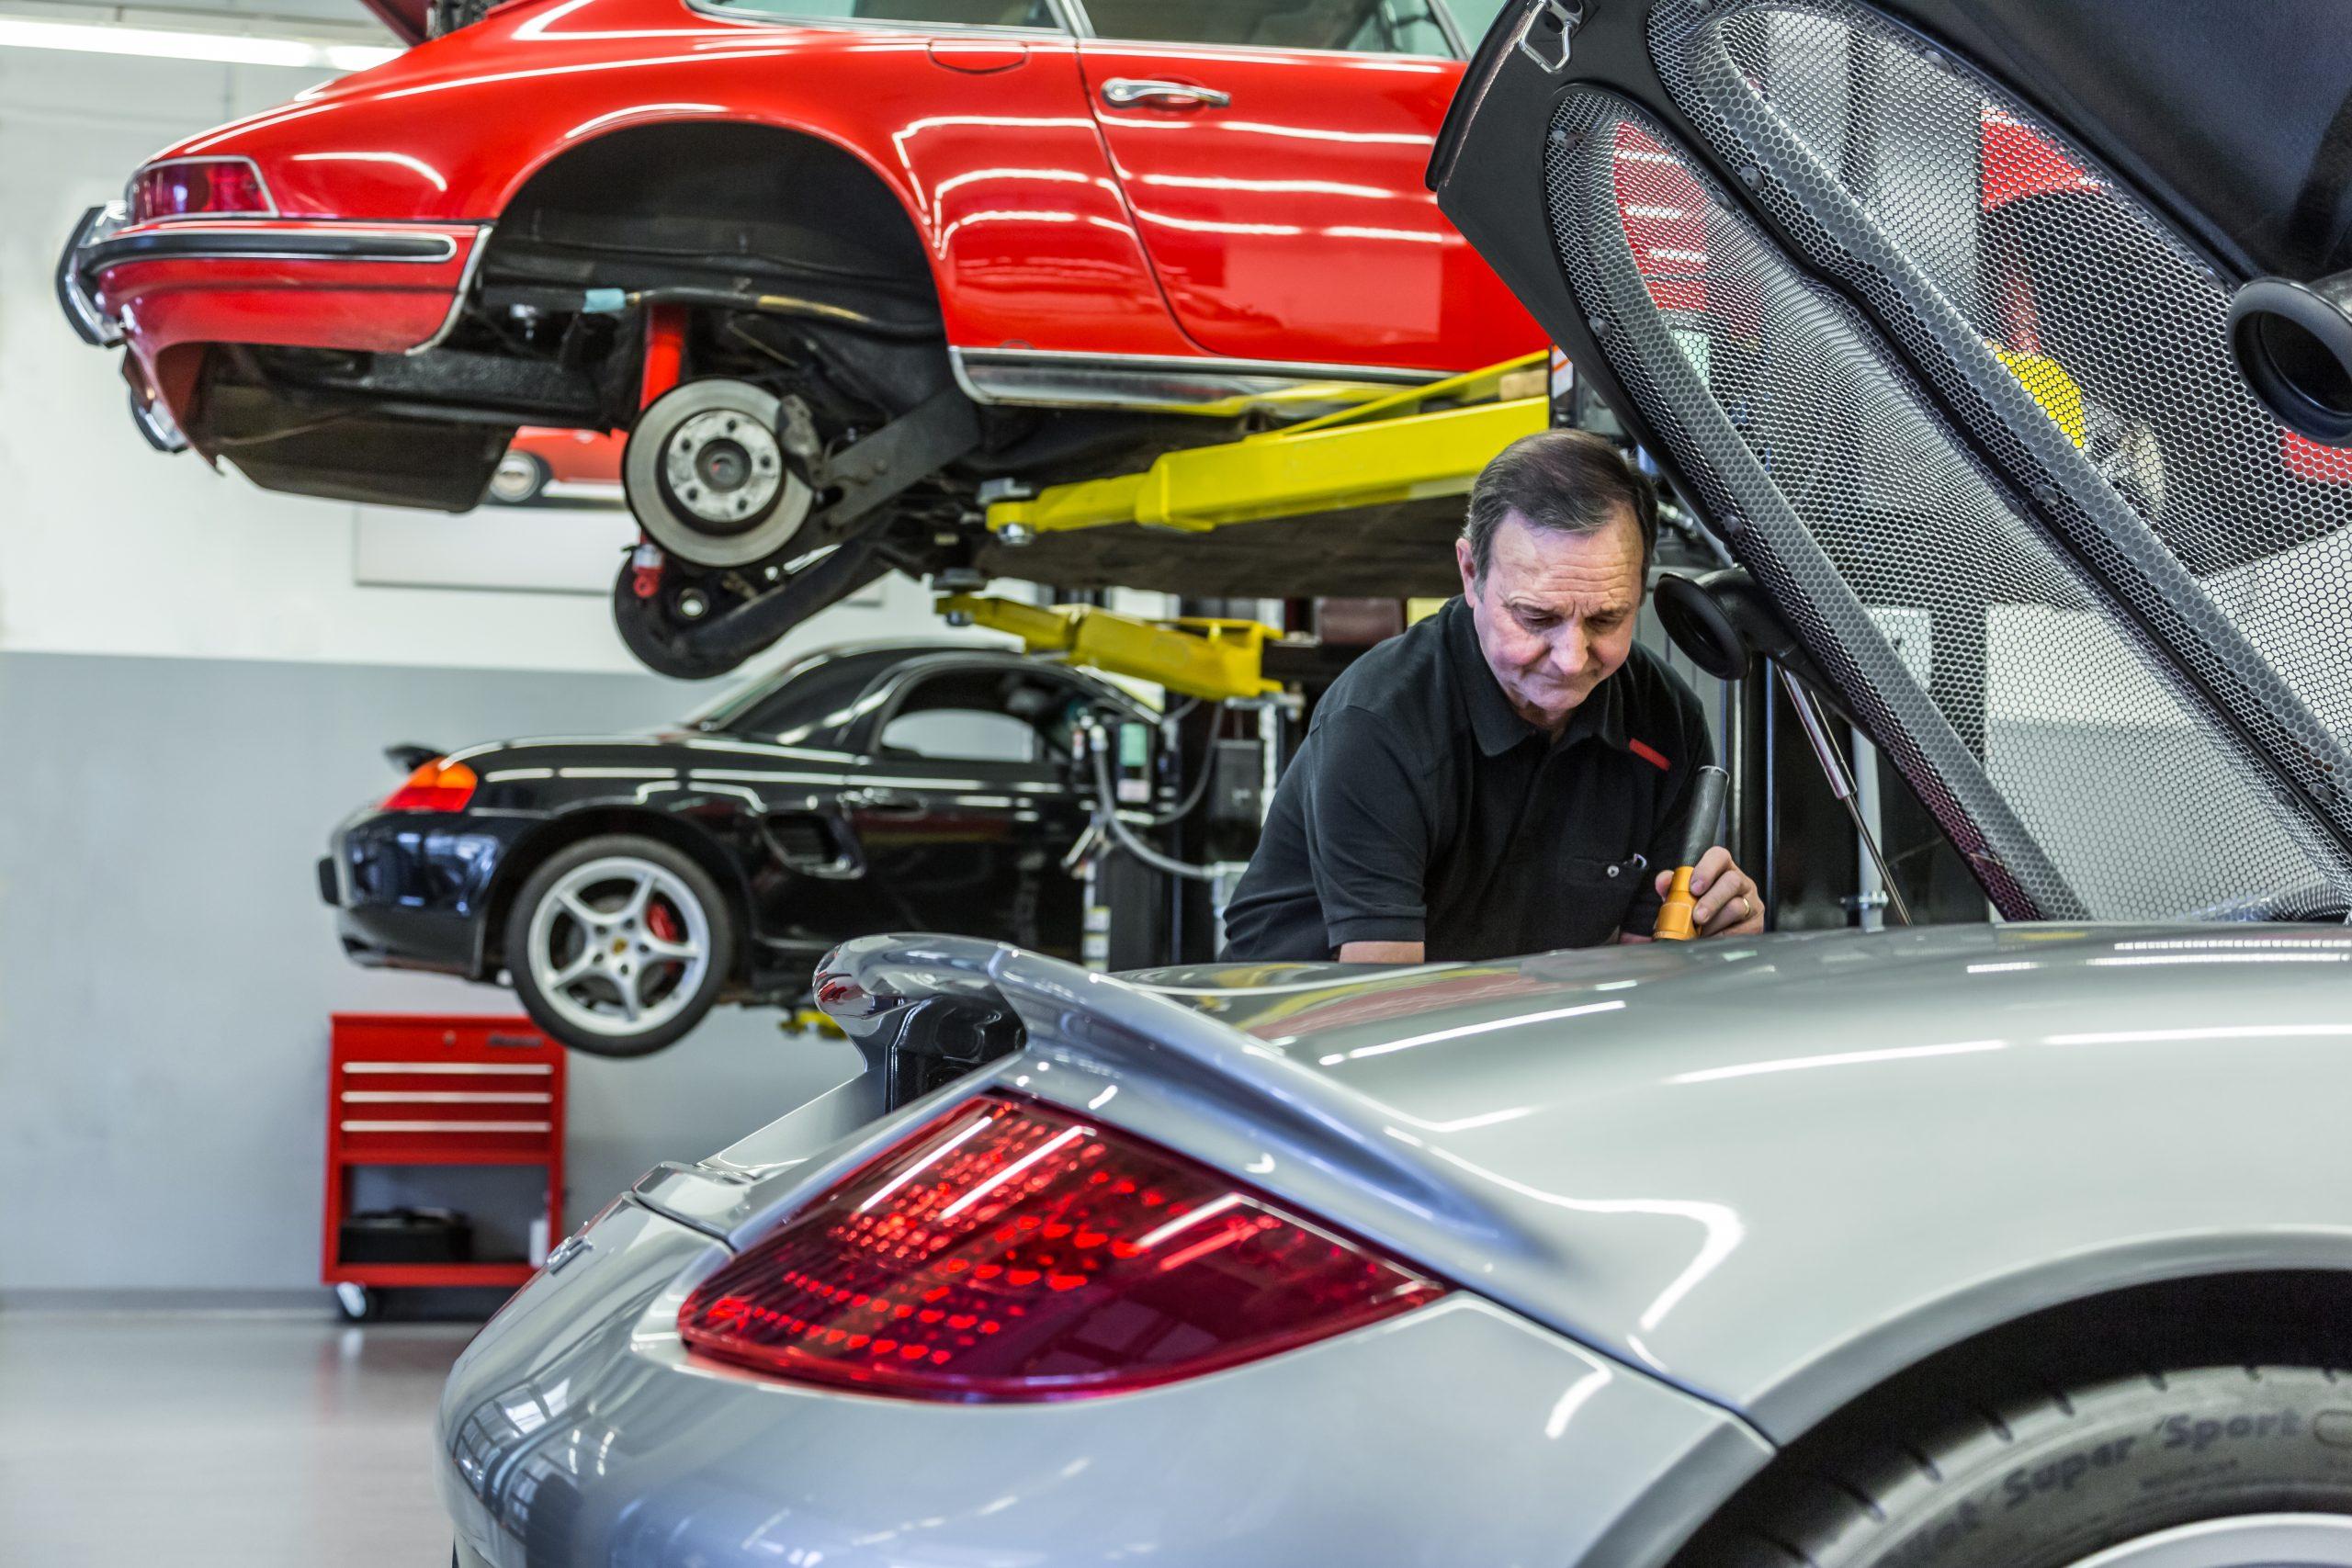 Porsche Carrera GT mechanic at work